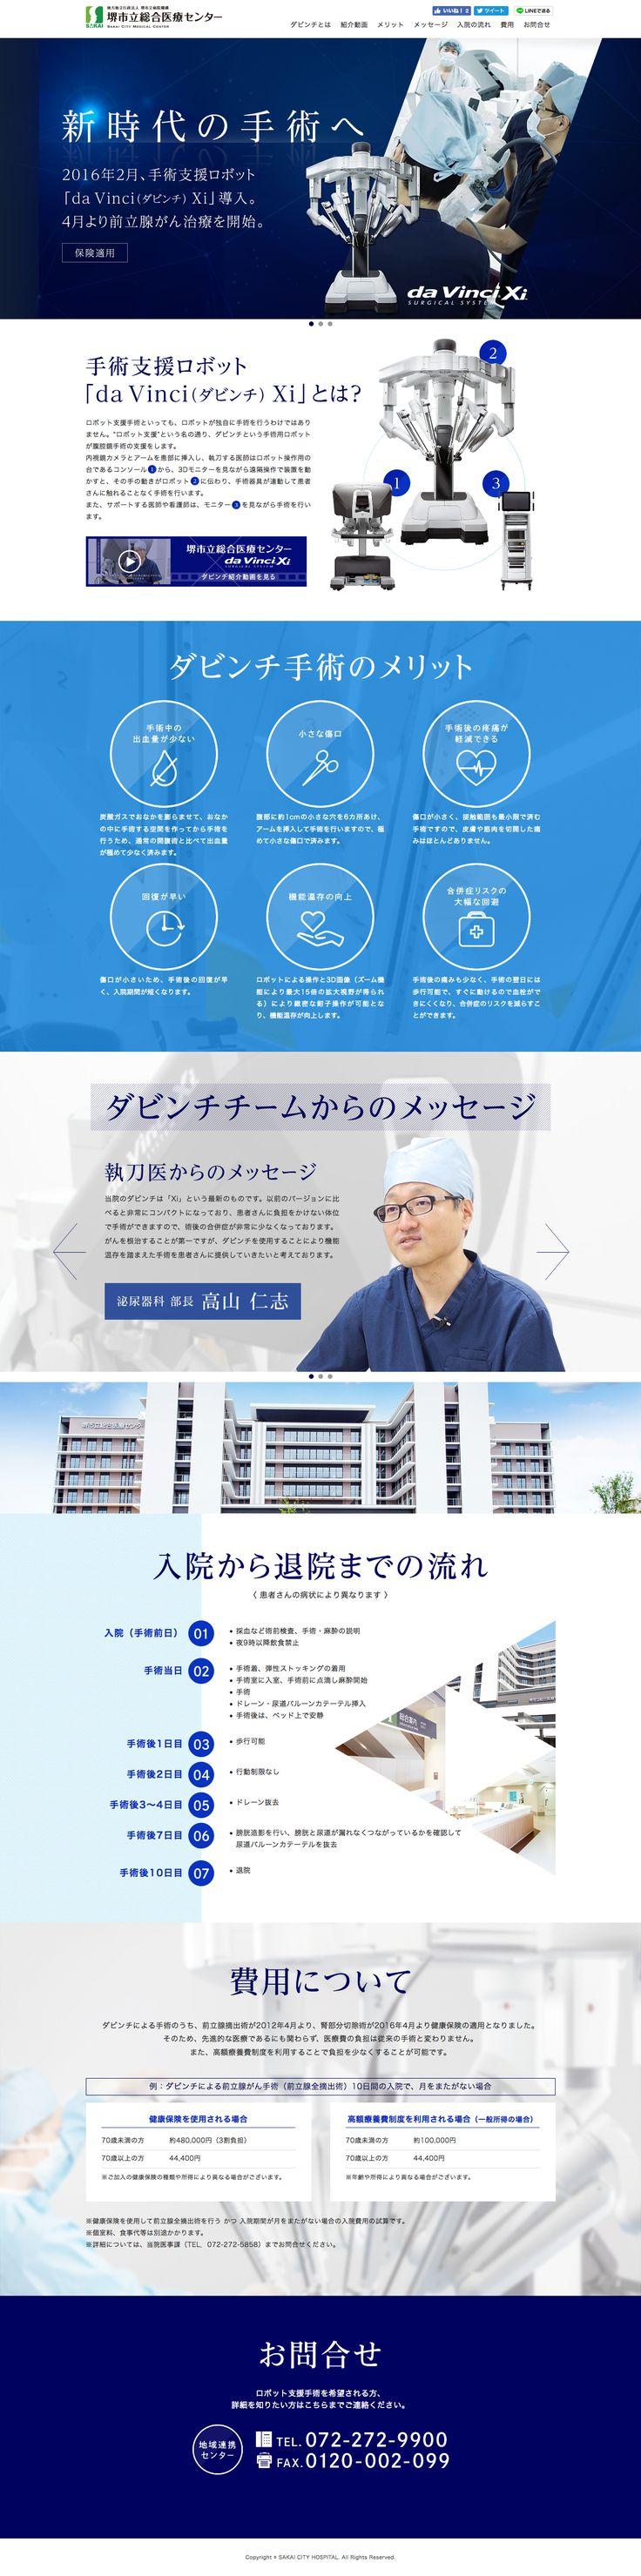 堺市立総合医療センターに導入された手術支援ロボット「da Vinci(ダビンチ) Xi」のランディングページ - 2016.2 先進医療をイメージしてかっこよくしたつもり|webdesign, design, responsive, landingpage, blue, medical, sgo made